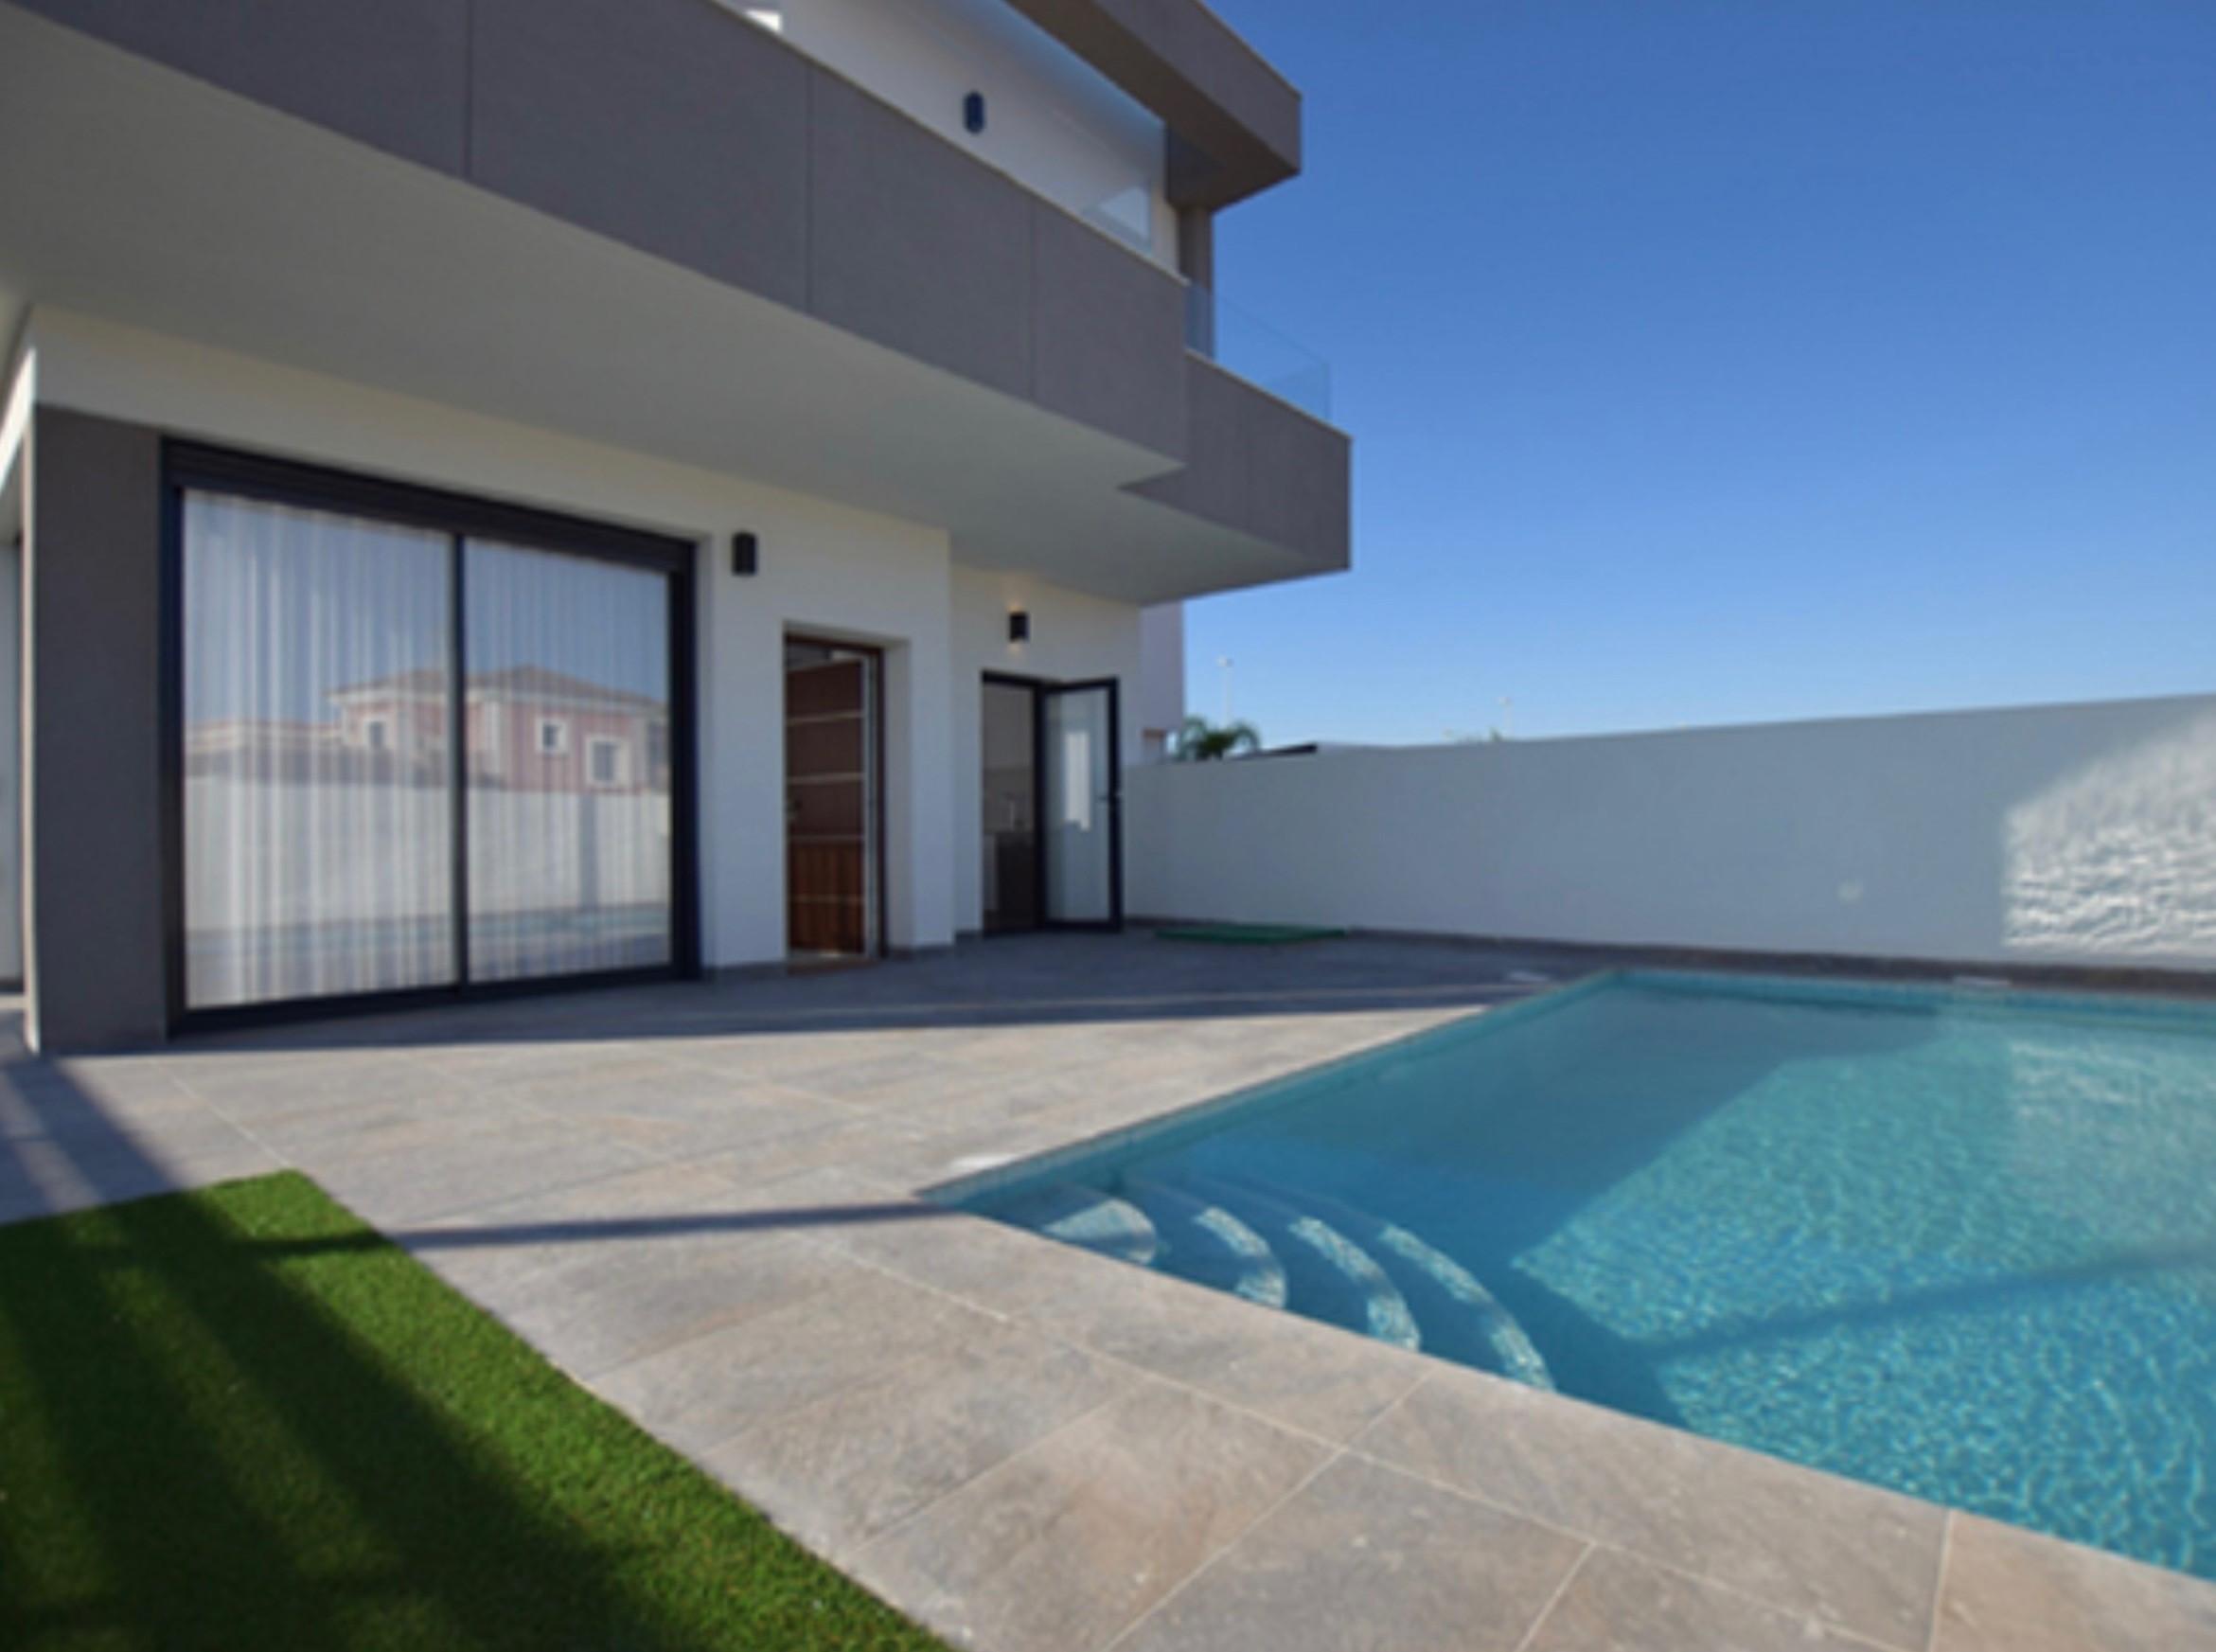 Los Montesinos villa €254.000